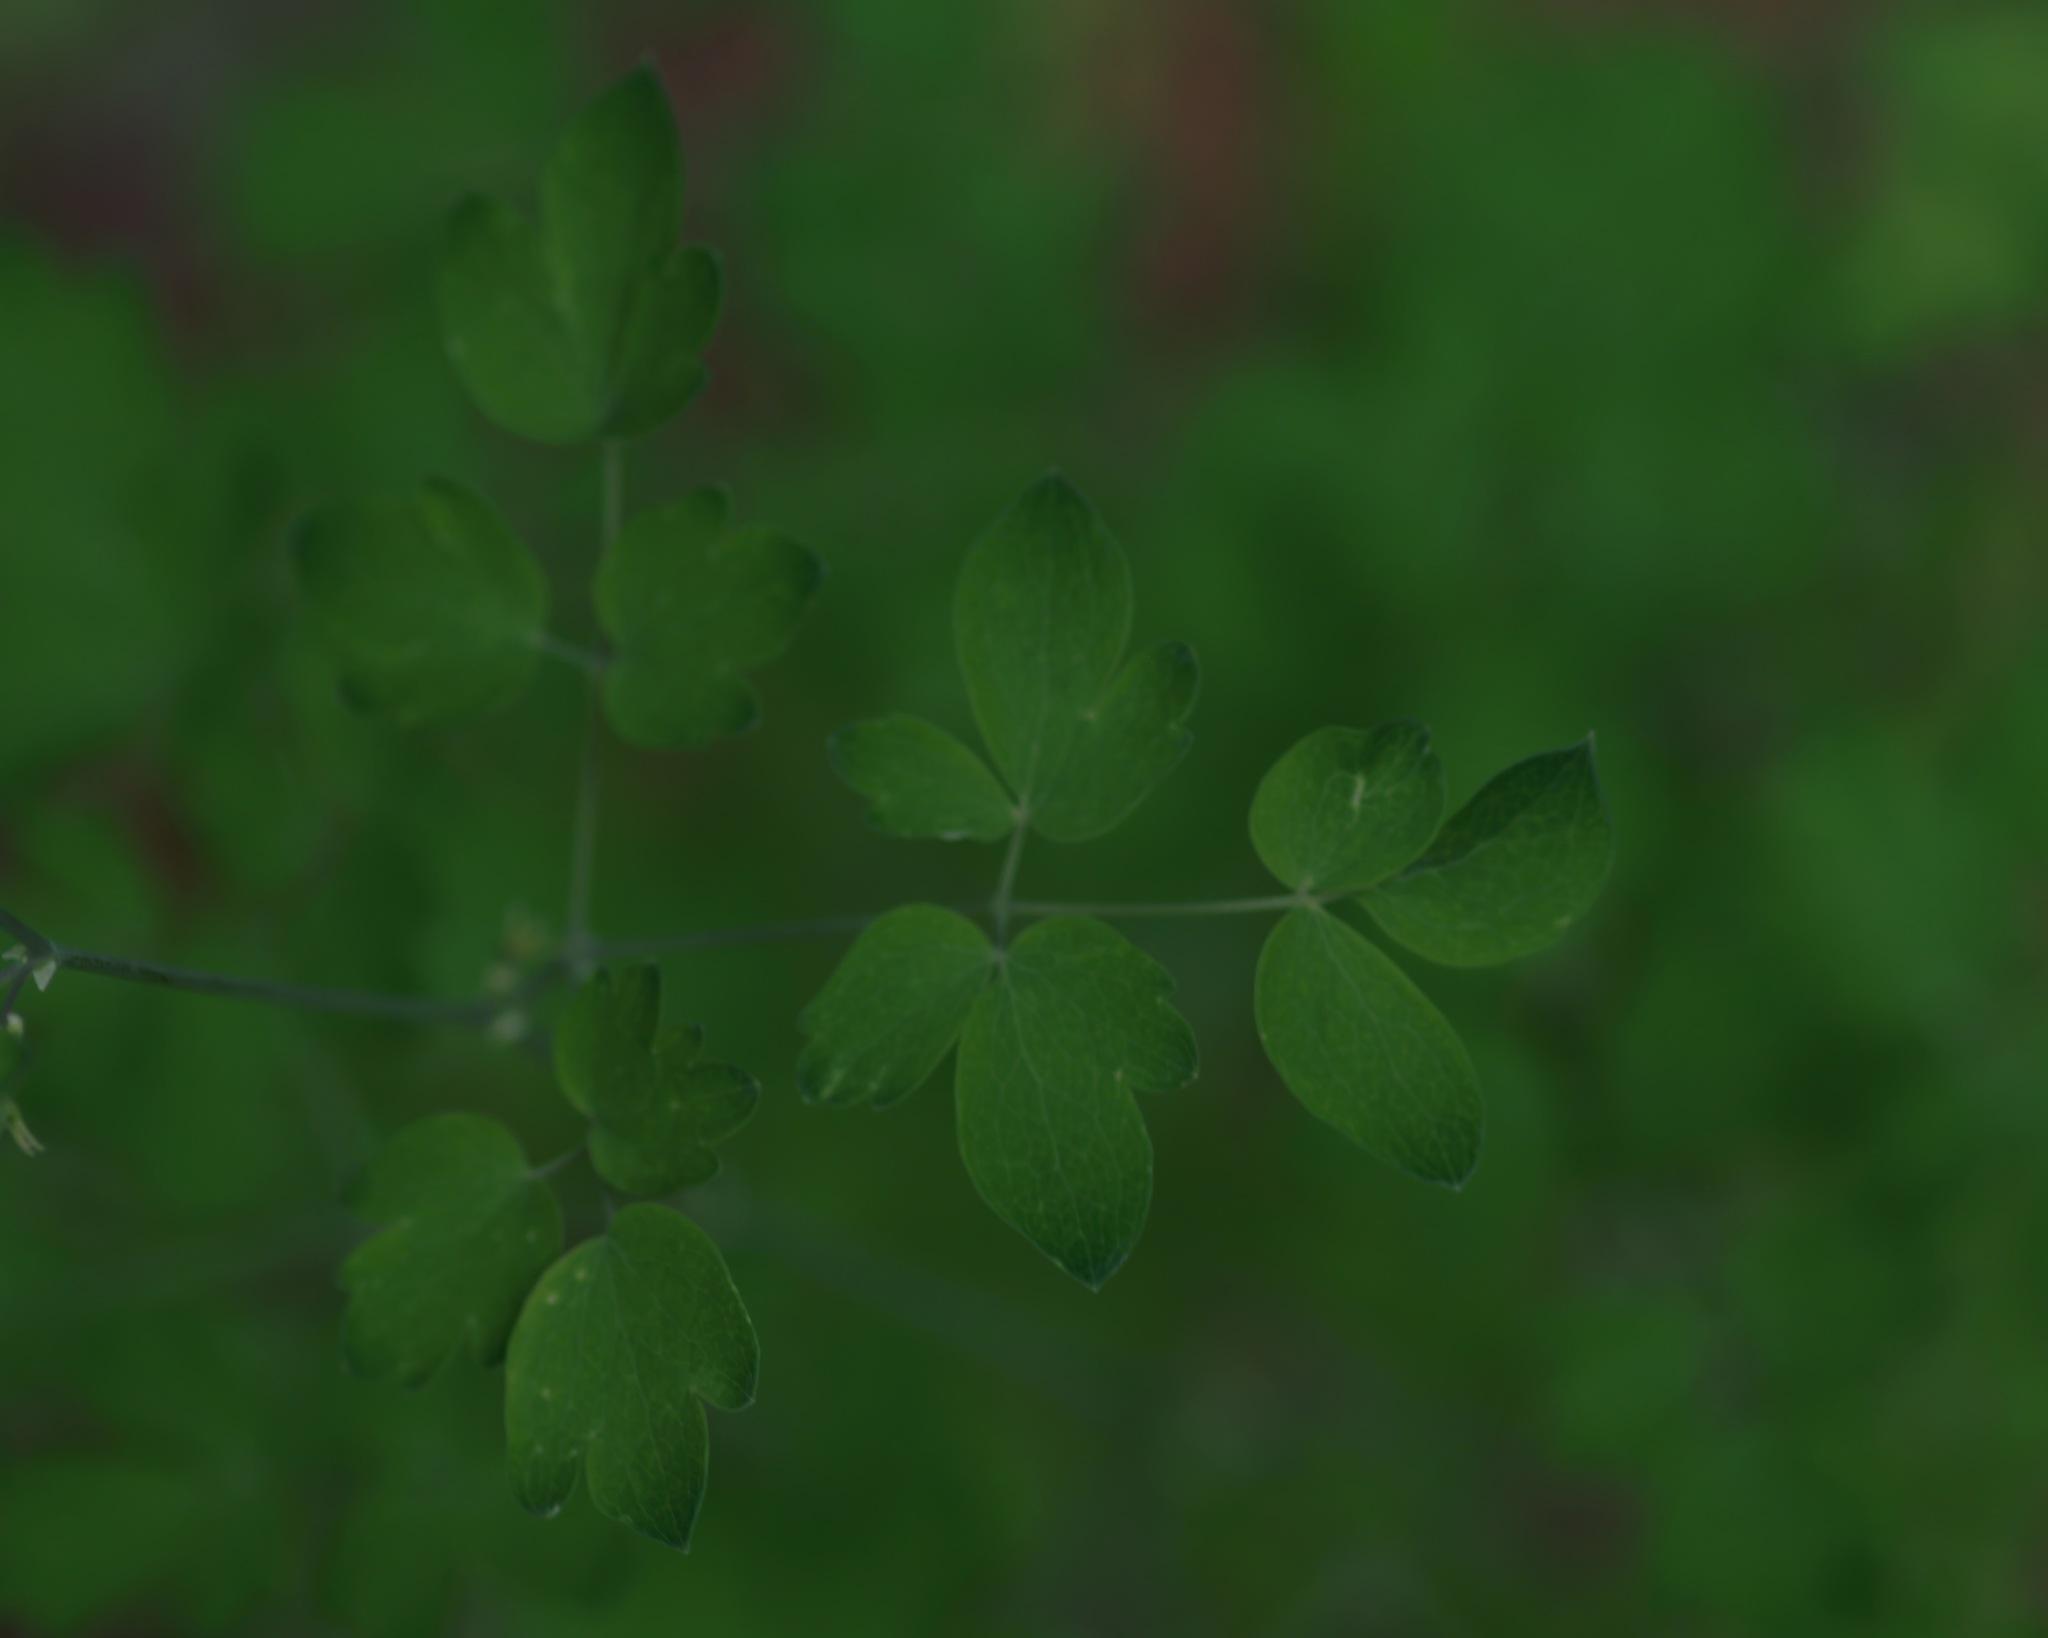 Green on Green by Craig Adamson